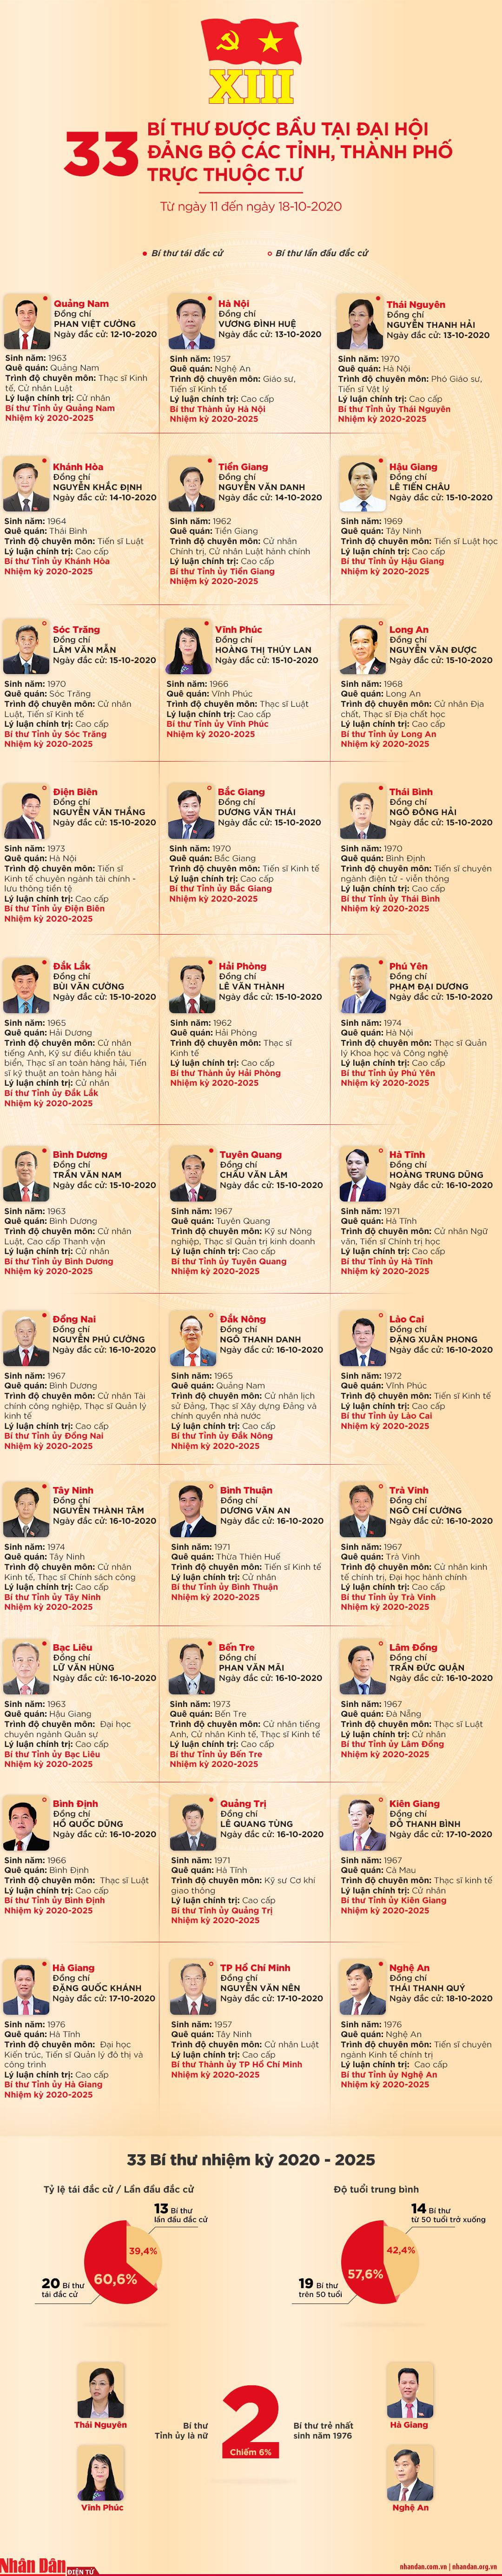 [Infographic] 33 Bí thư được bầu tại Đại hội Đảng bộ các tỉnh, thành phố trực thuộc T.Ư -0